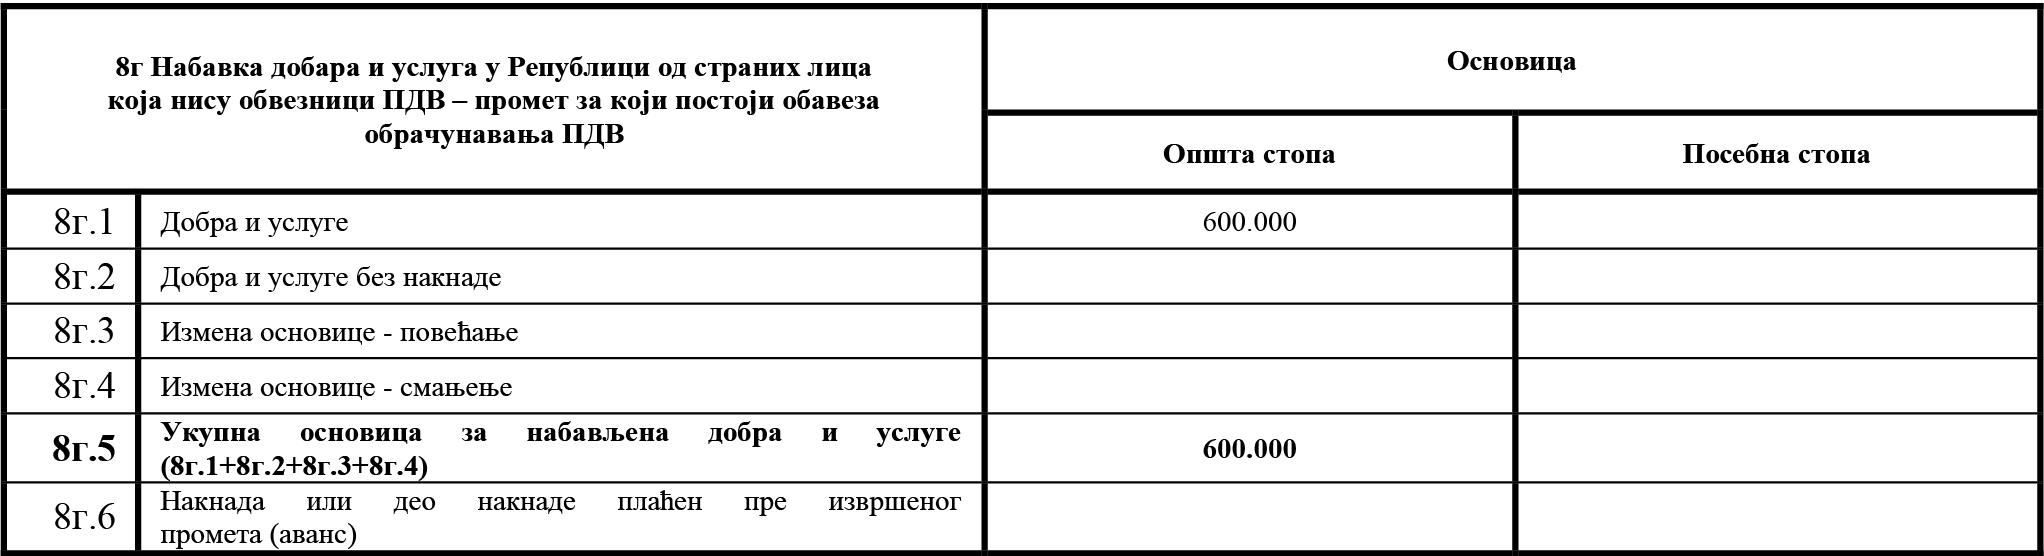 uputstvo PU obrazac POPDV primer 111 - 1.2